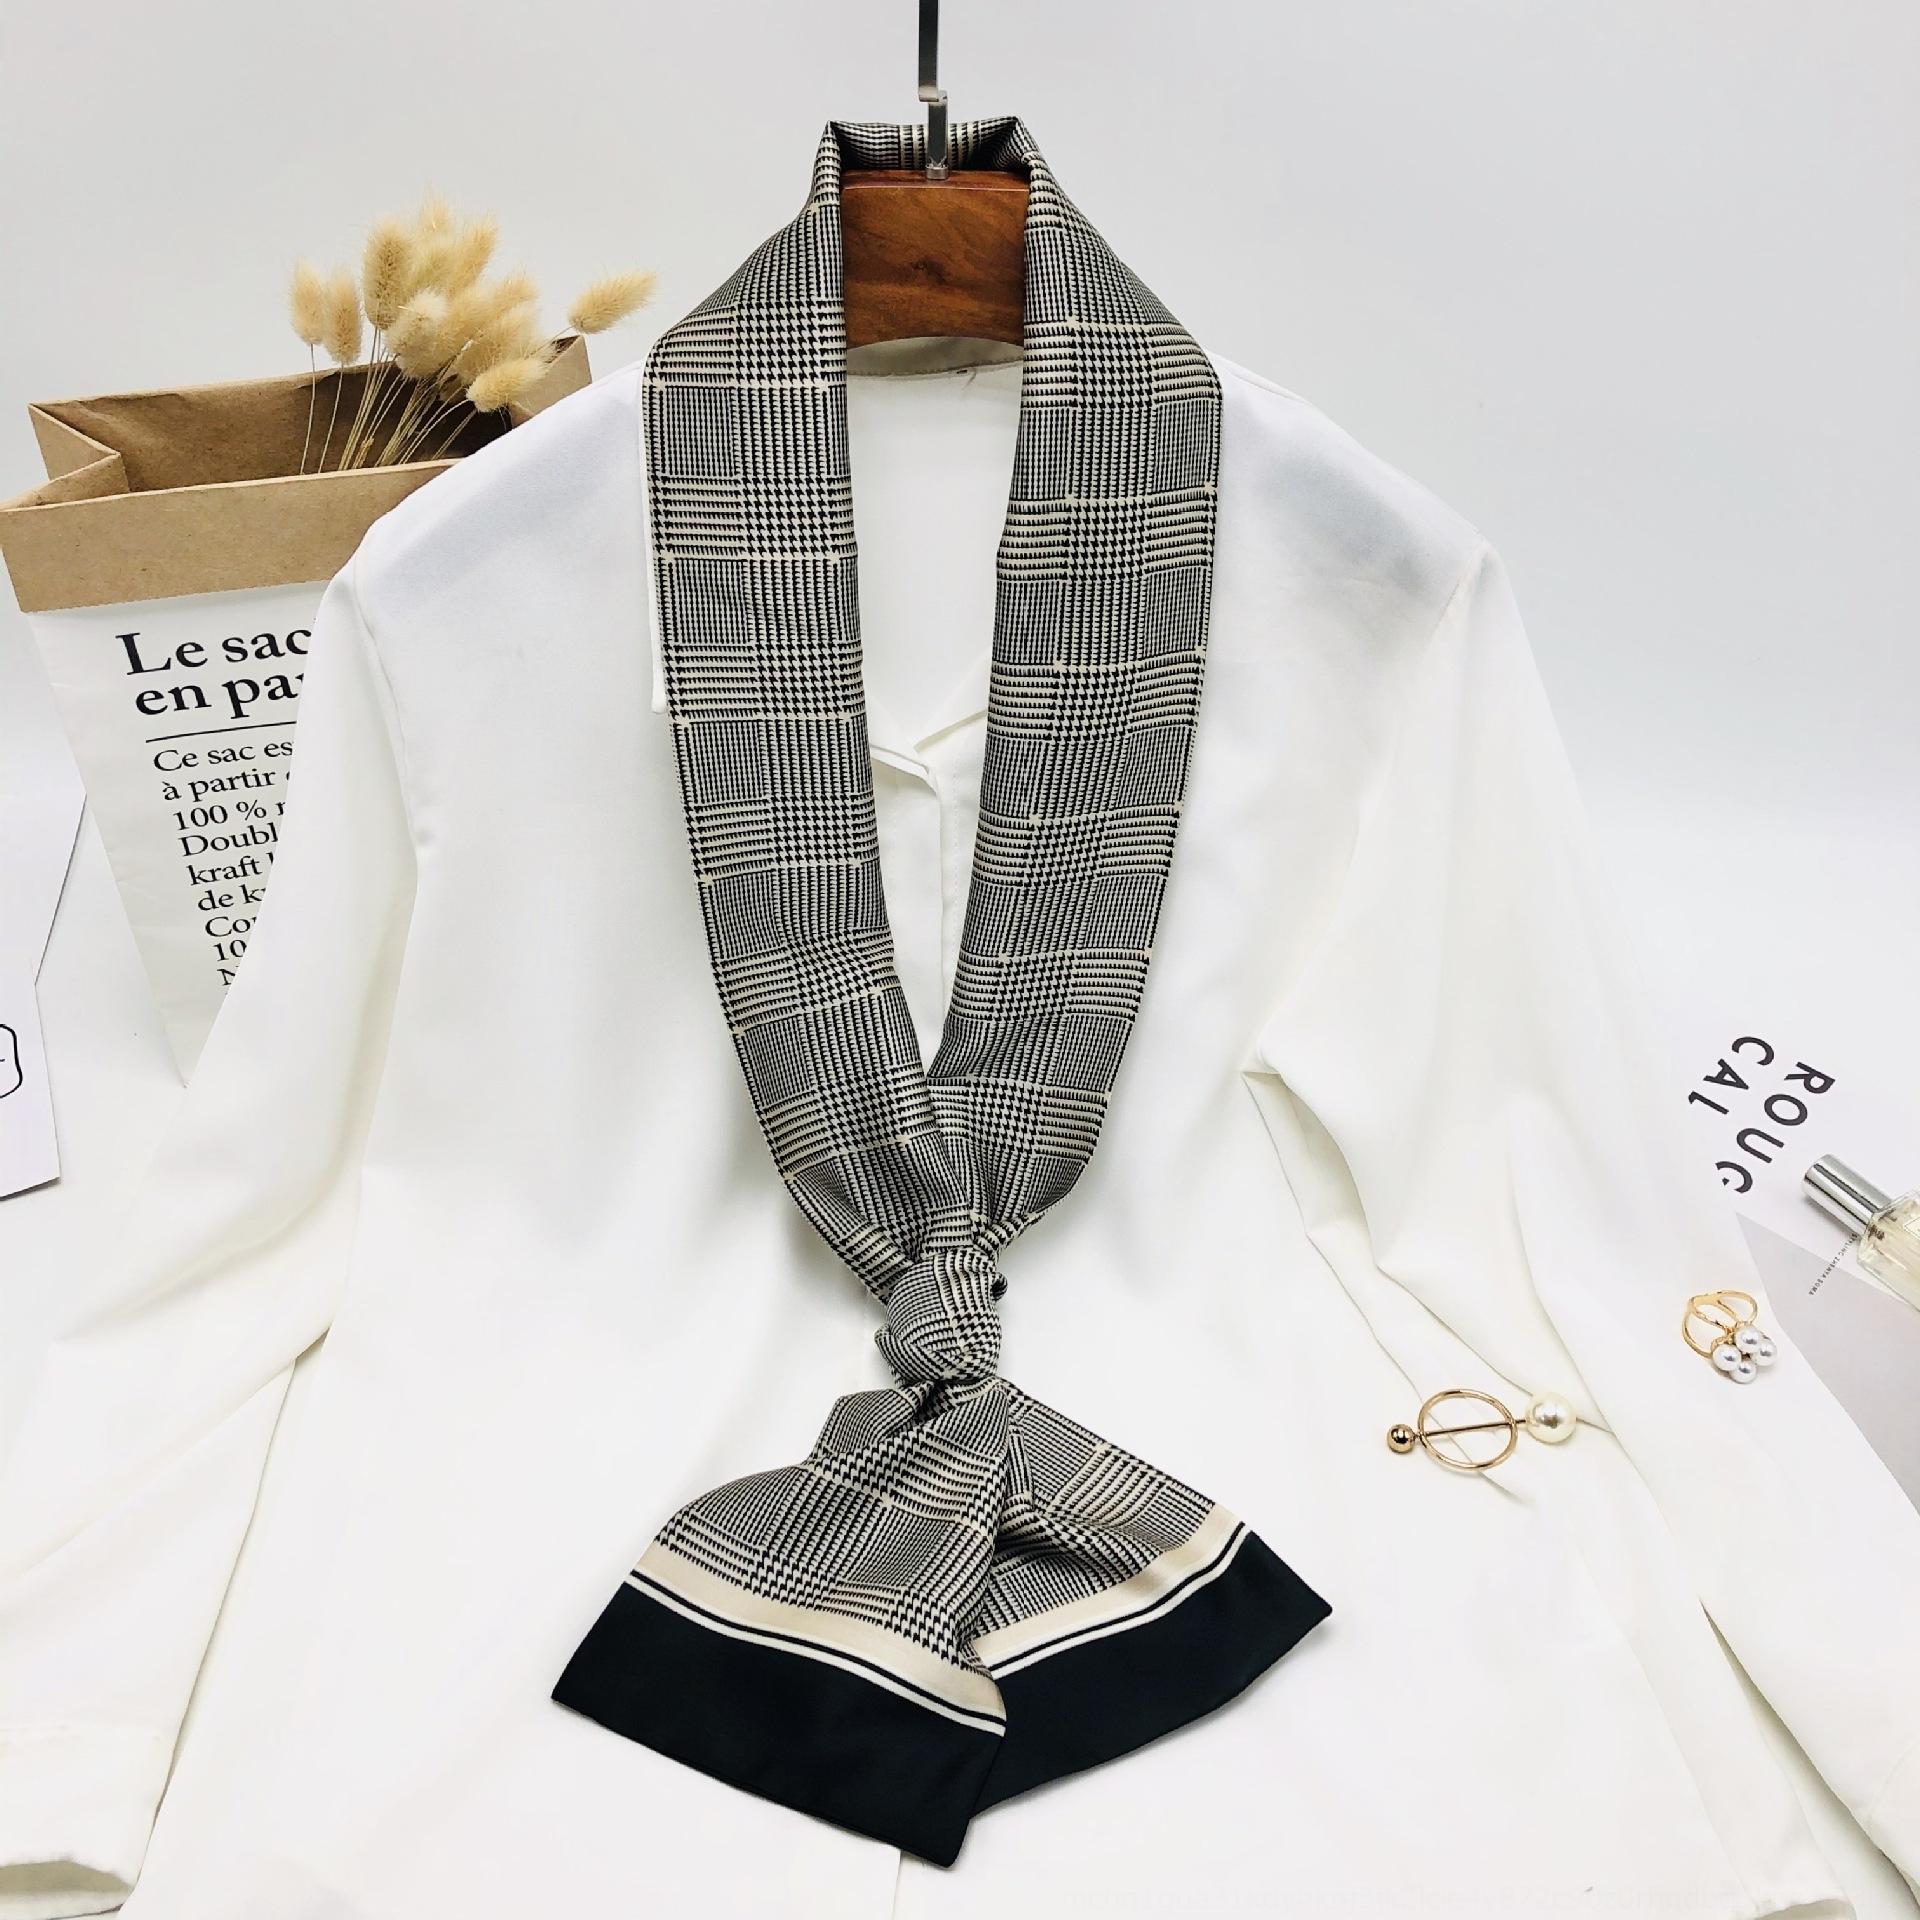 Verano y otoño regalo imitación de regalo protector solar elegante bufanda de seda de la impresión urbana a largo pañuelo de seda